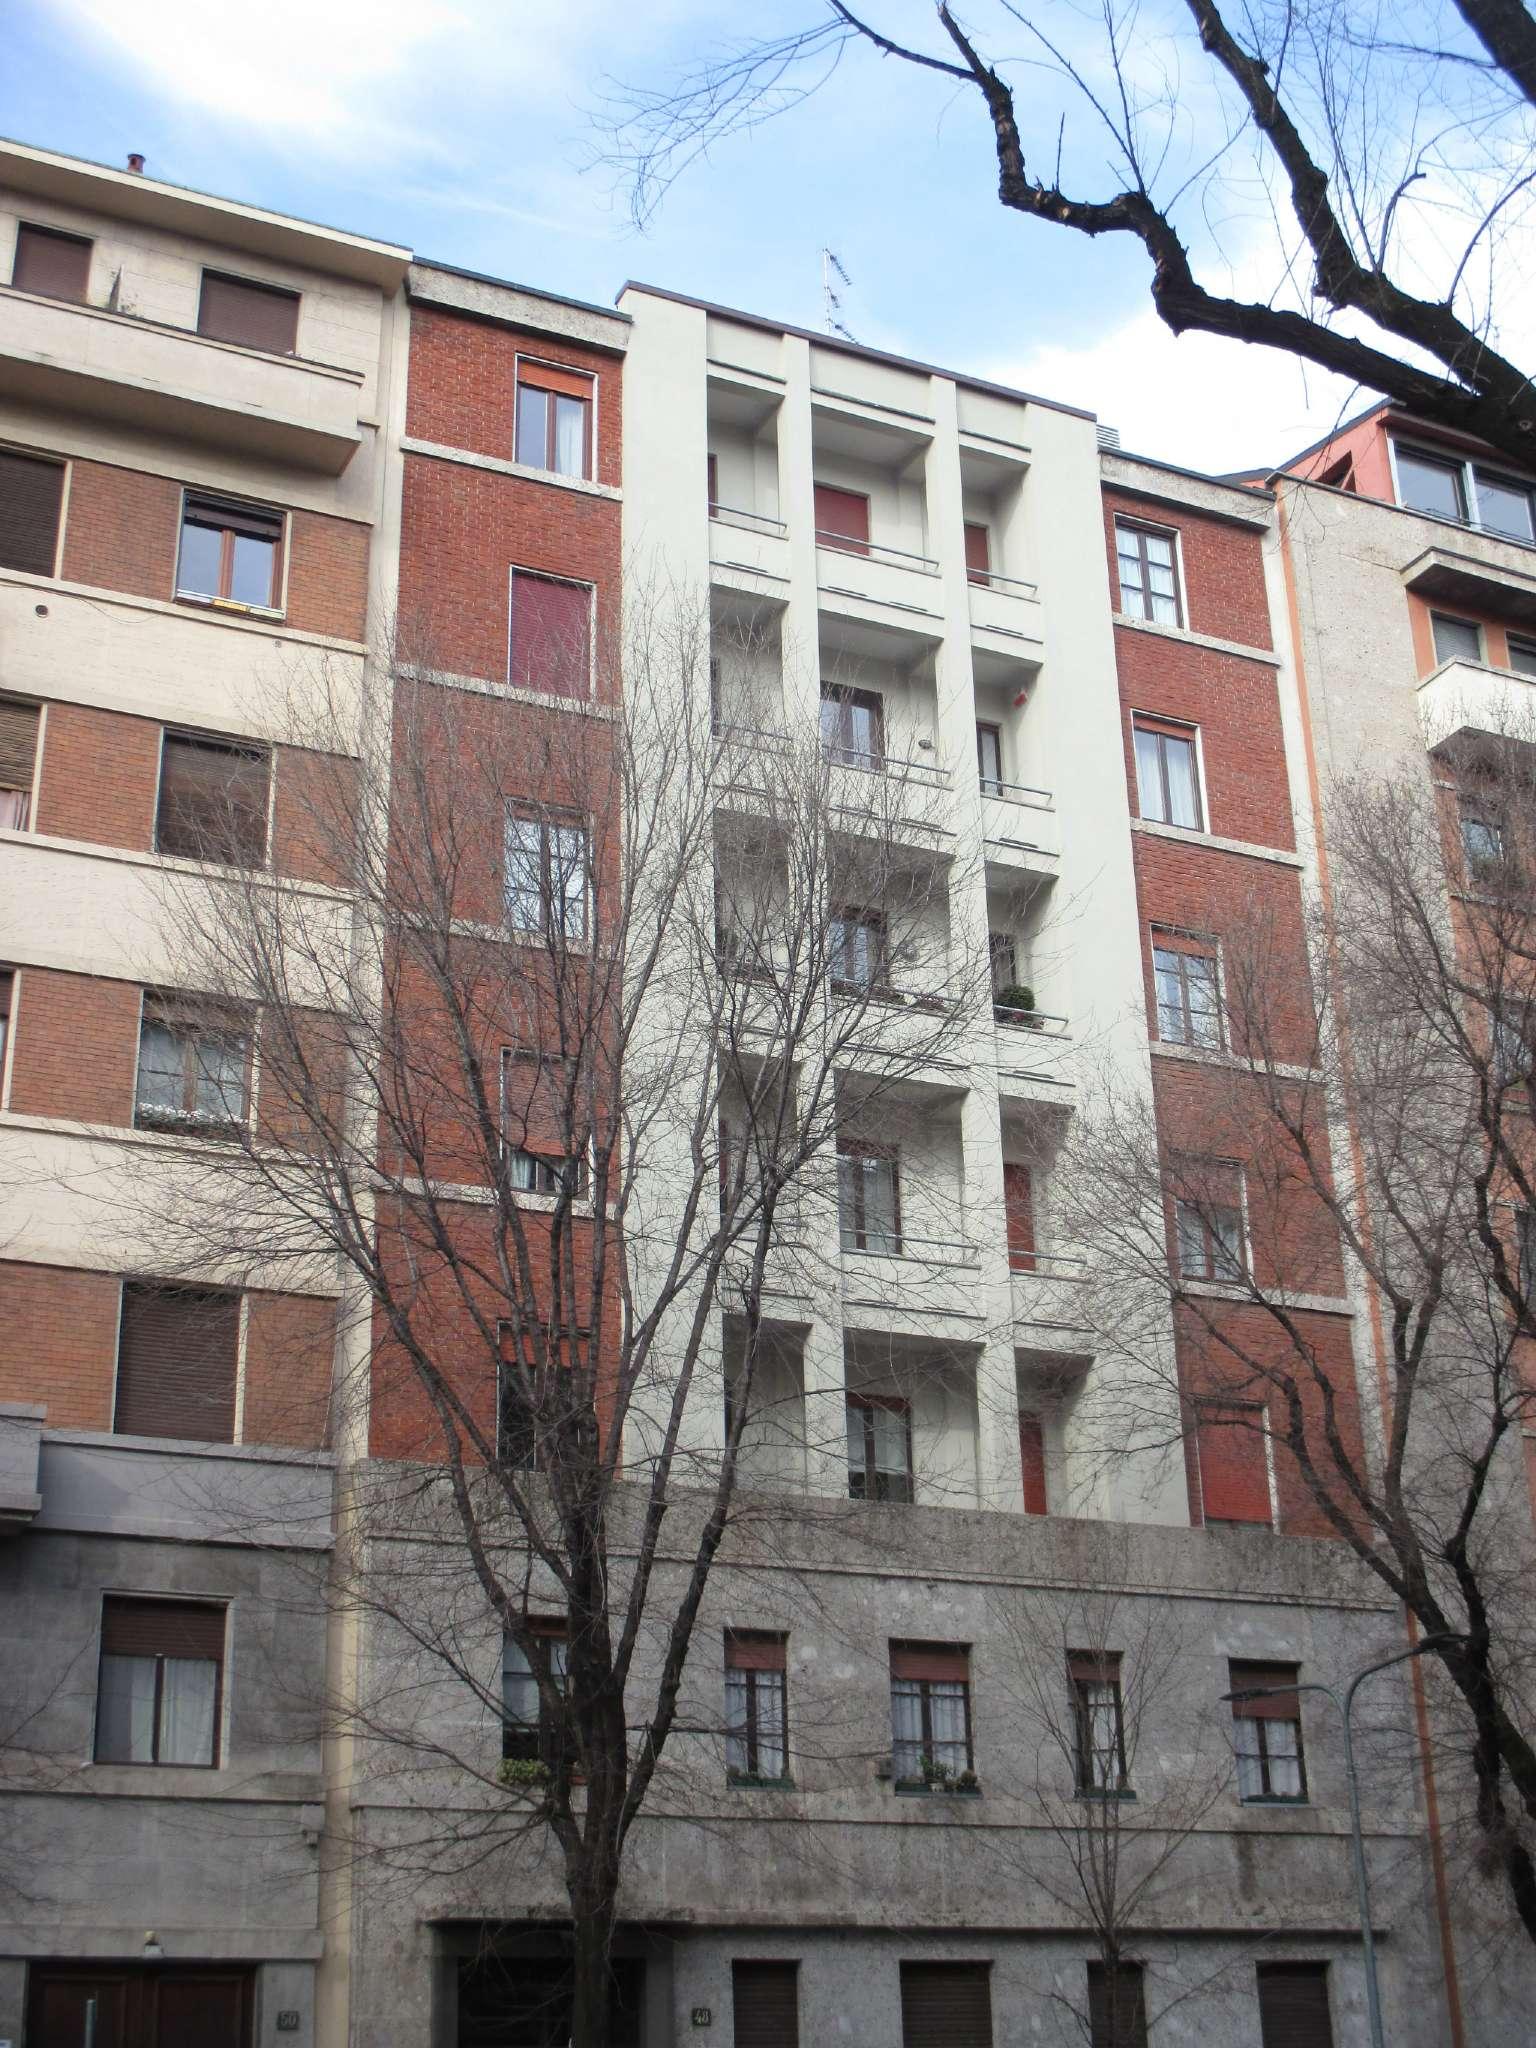 Appartamento in vendita a Milano, 2 locali, zona Zona: 10 . P.ta Genova, Romolo, Solari, Savona, Tortona, prezzo € 320.000 | Cambio Casa.it